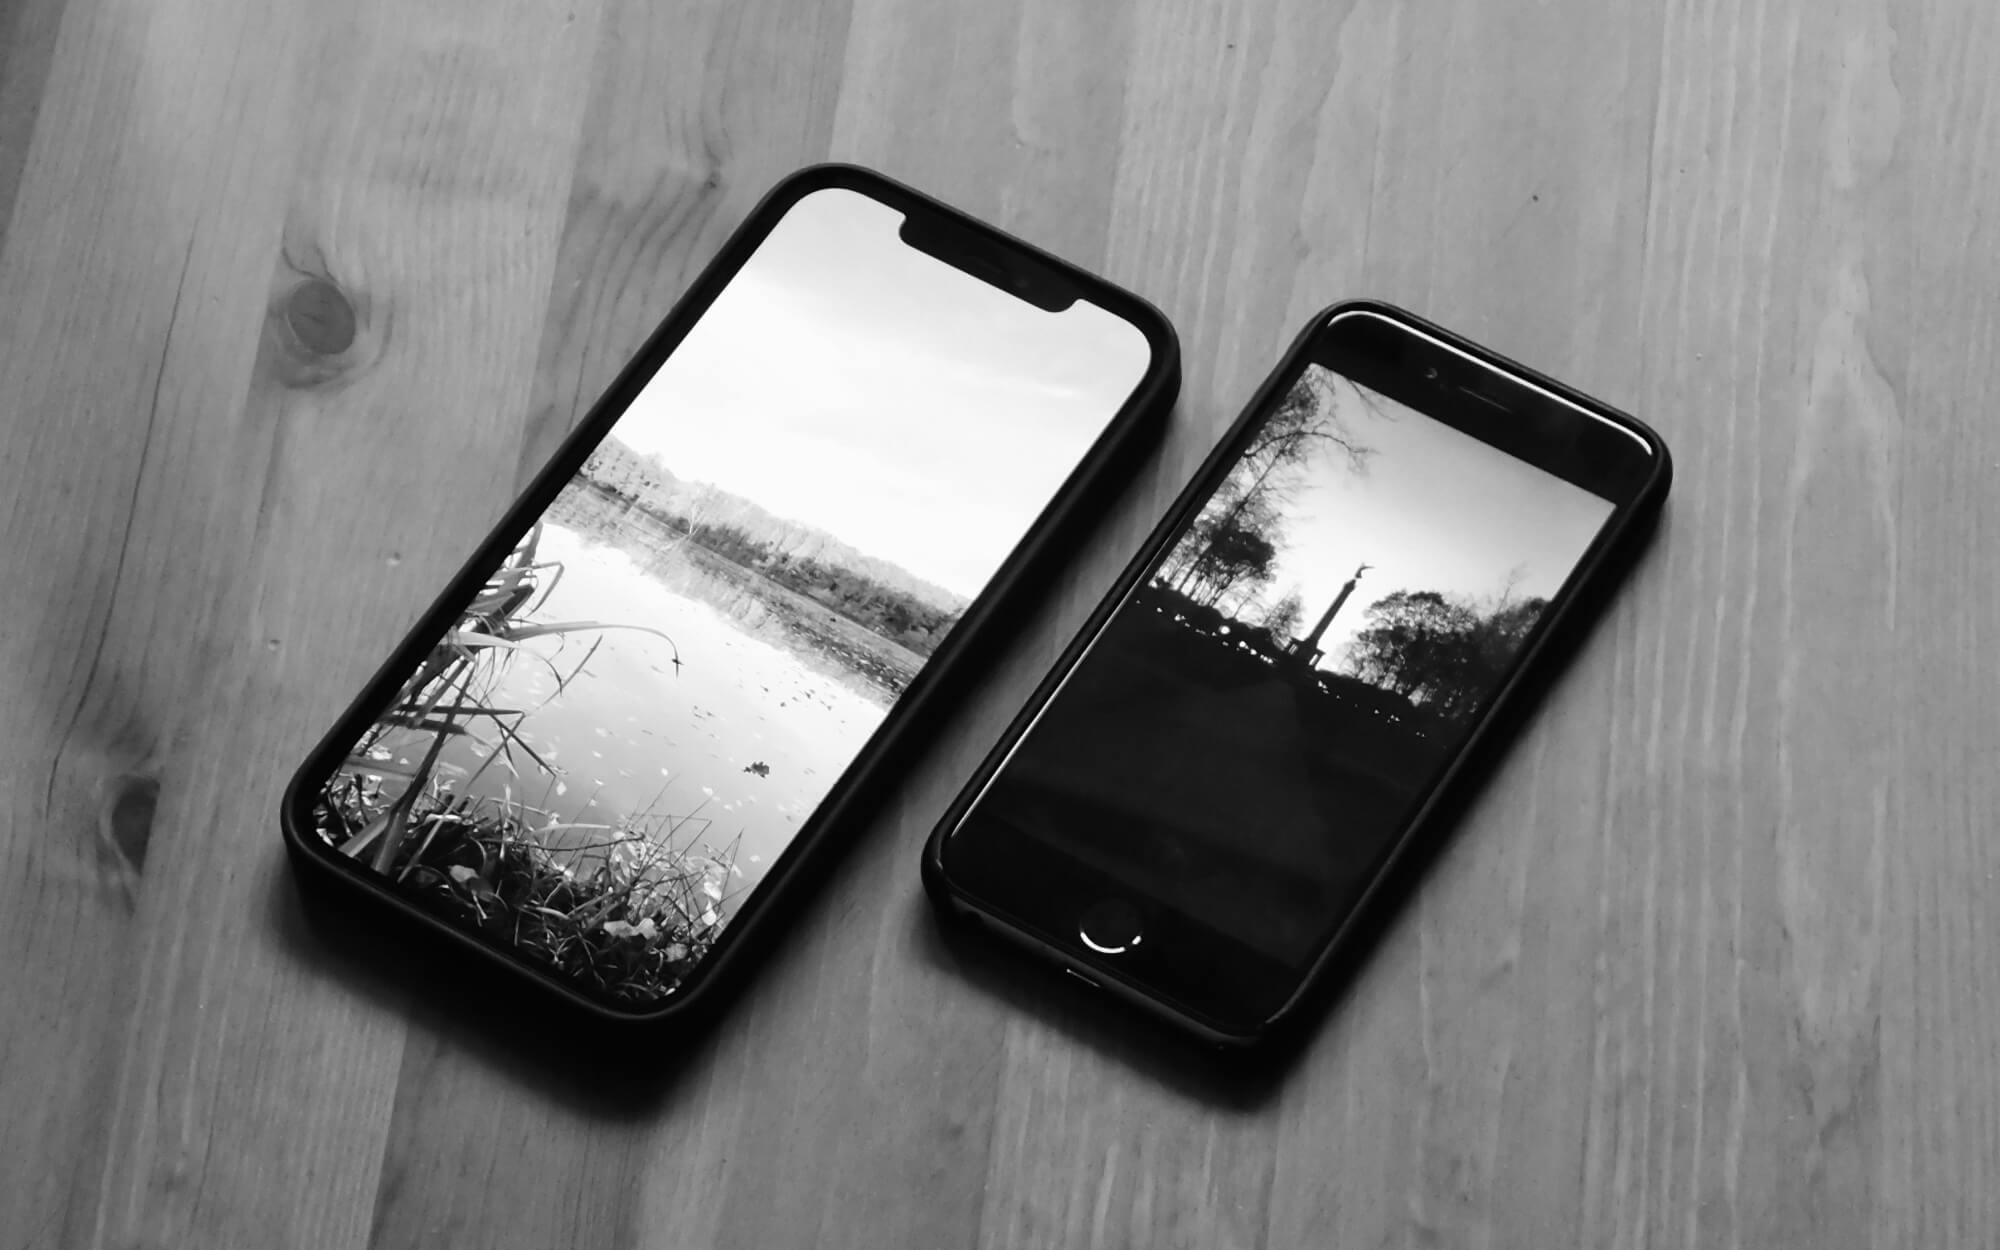 Ein Foto des iPhone 12 Pro Max (links) und des iPhone 6